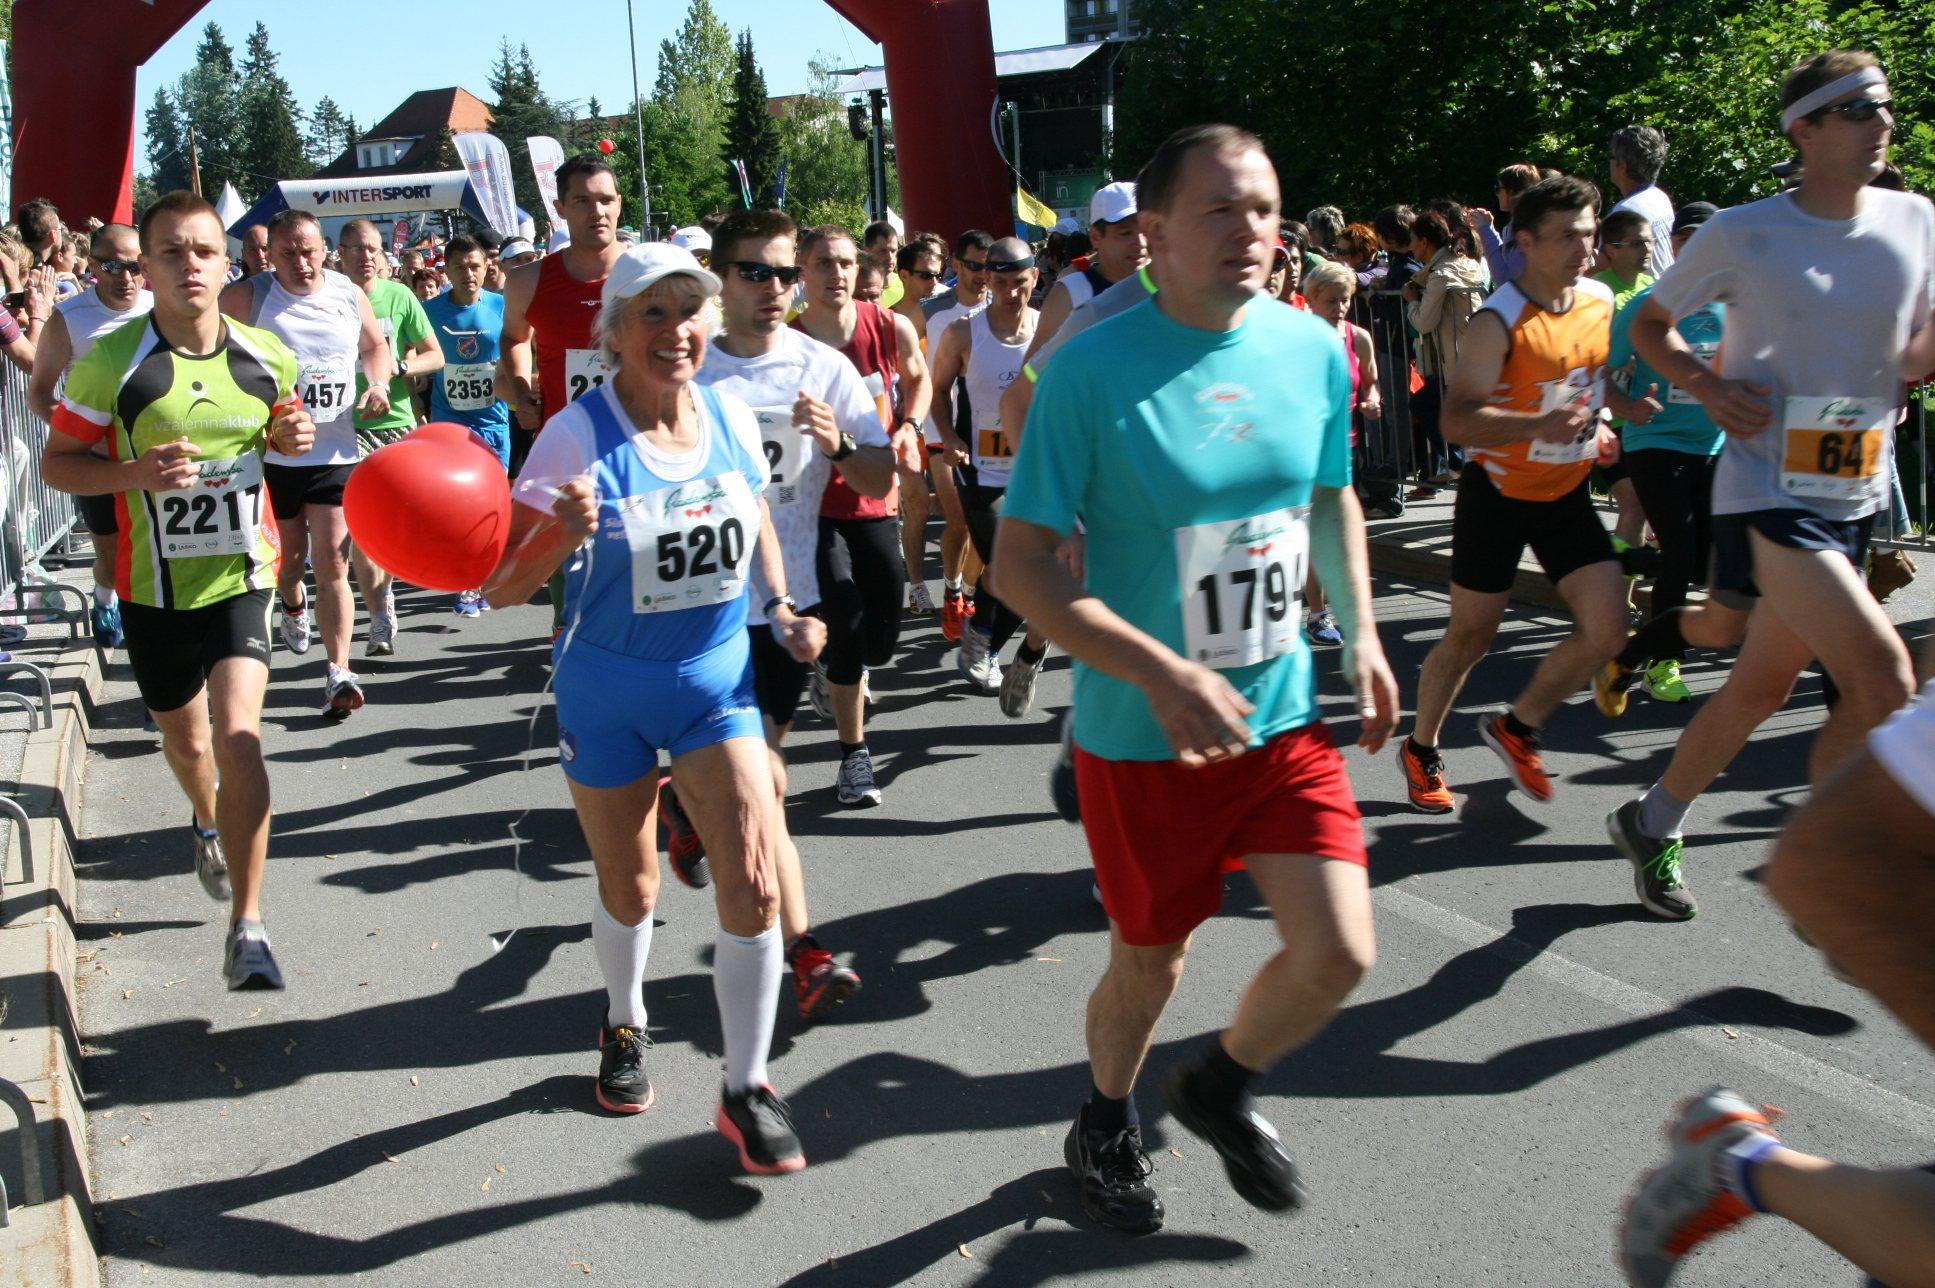 Maraton Treh src je v Radence privabil množico tekačev.